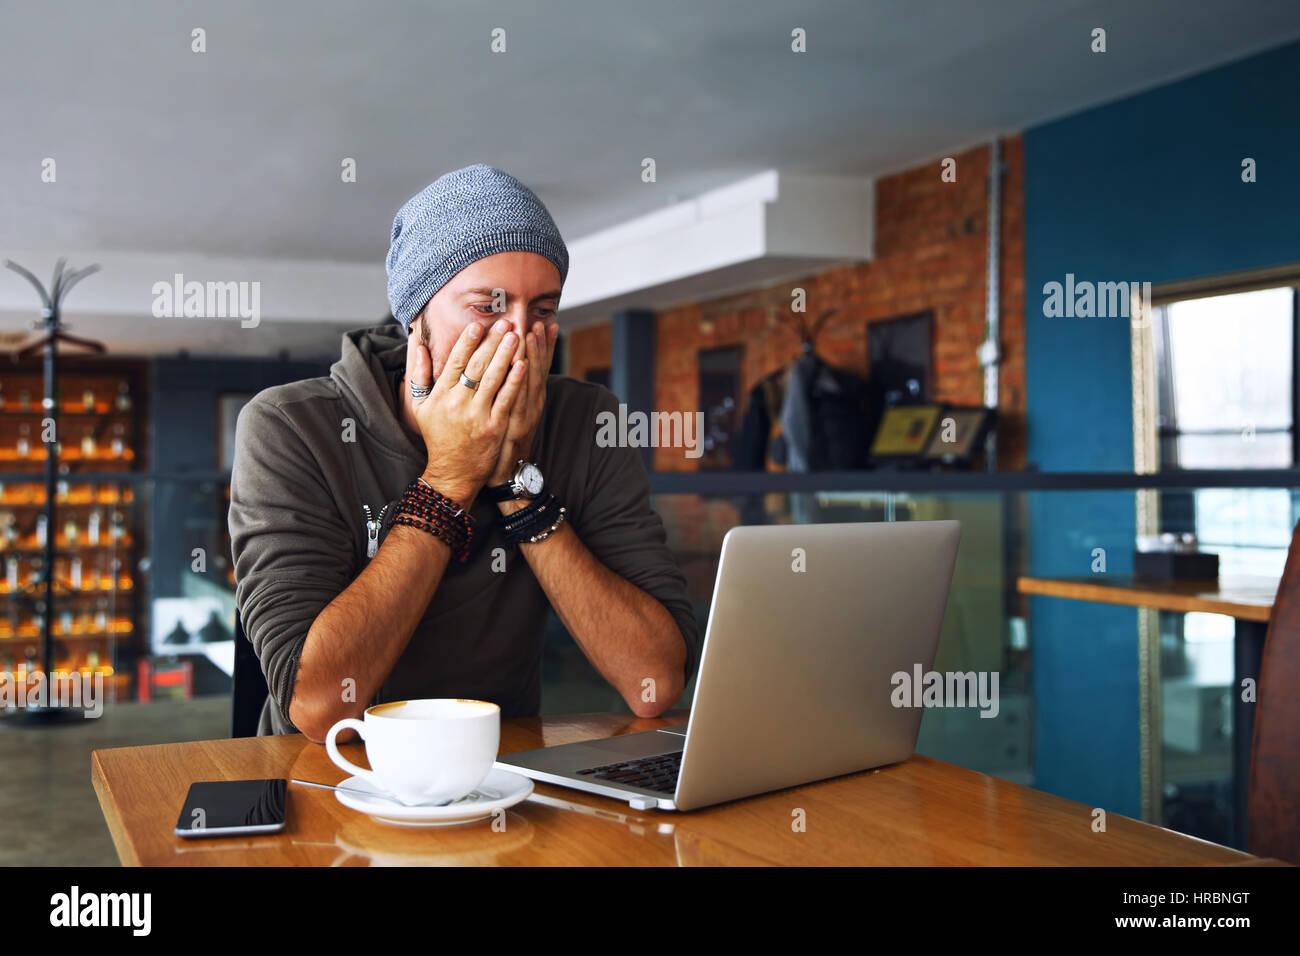 Preoccupato shoked uomo alla ricerca di un portatile presso il cafe Immagini Stock